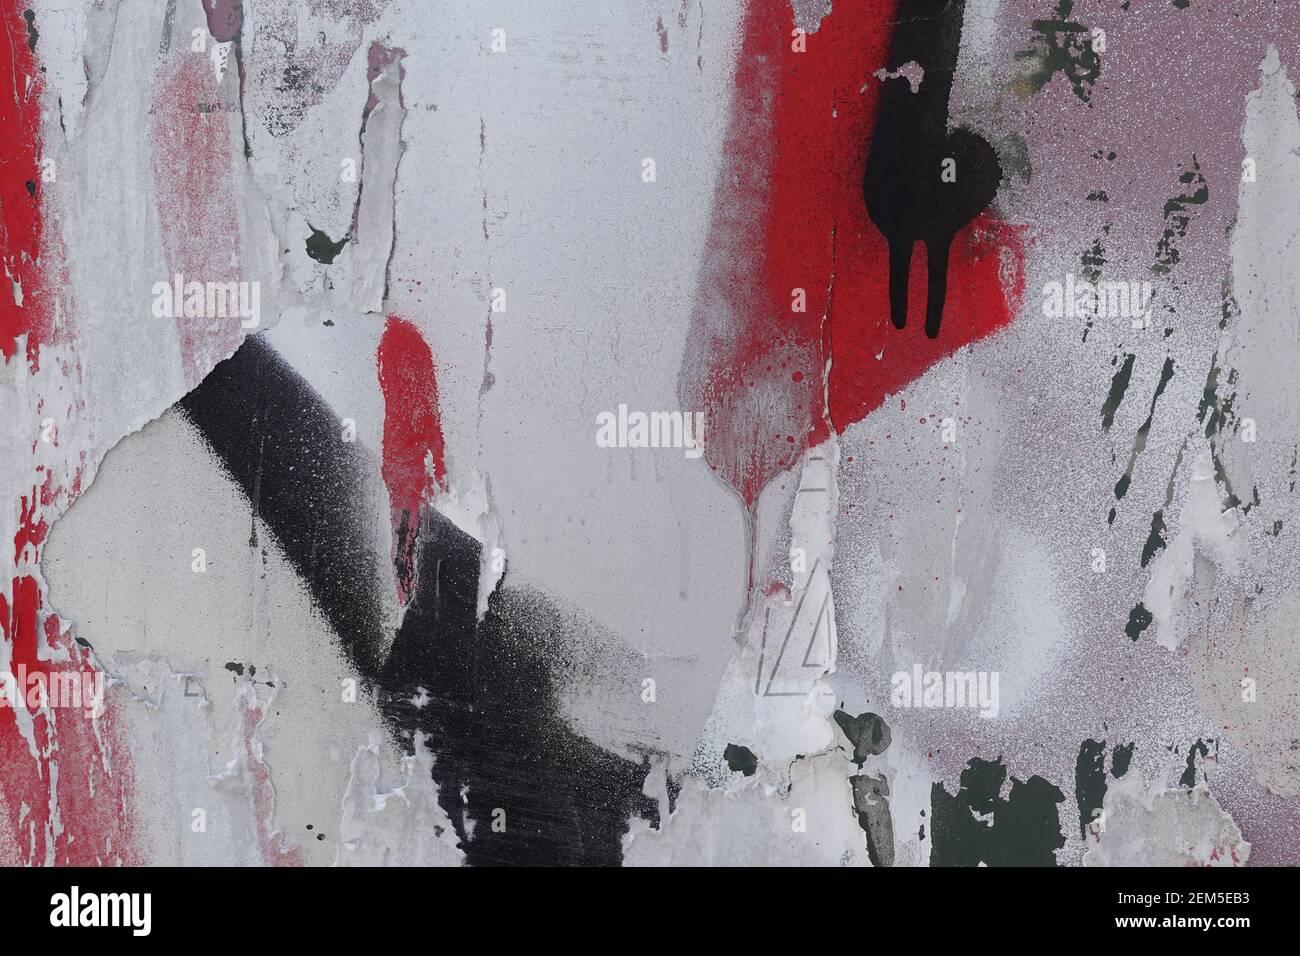 Superficie di vetro verniciata a spruzzo sporca con macchie di carta strappata. Texture di sfondo. Foto Stock